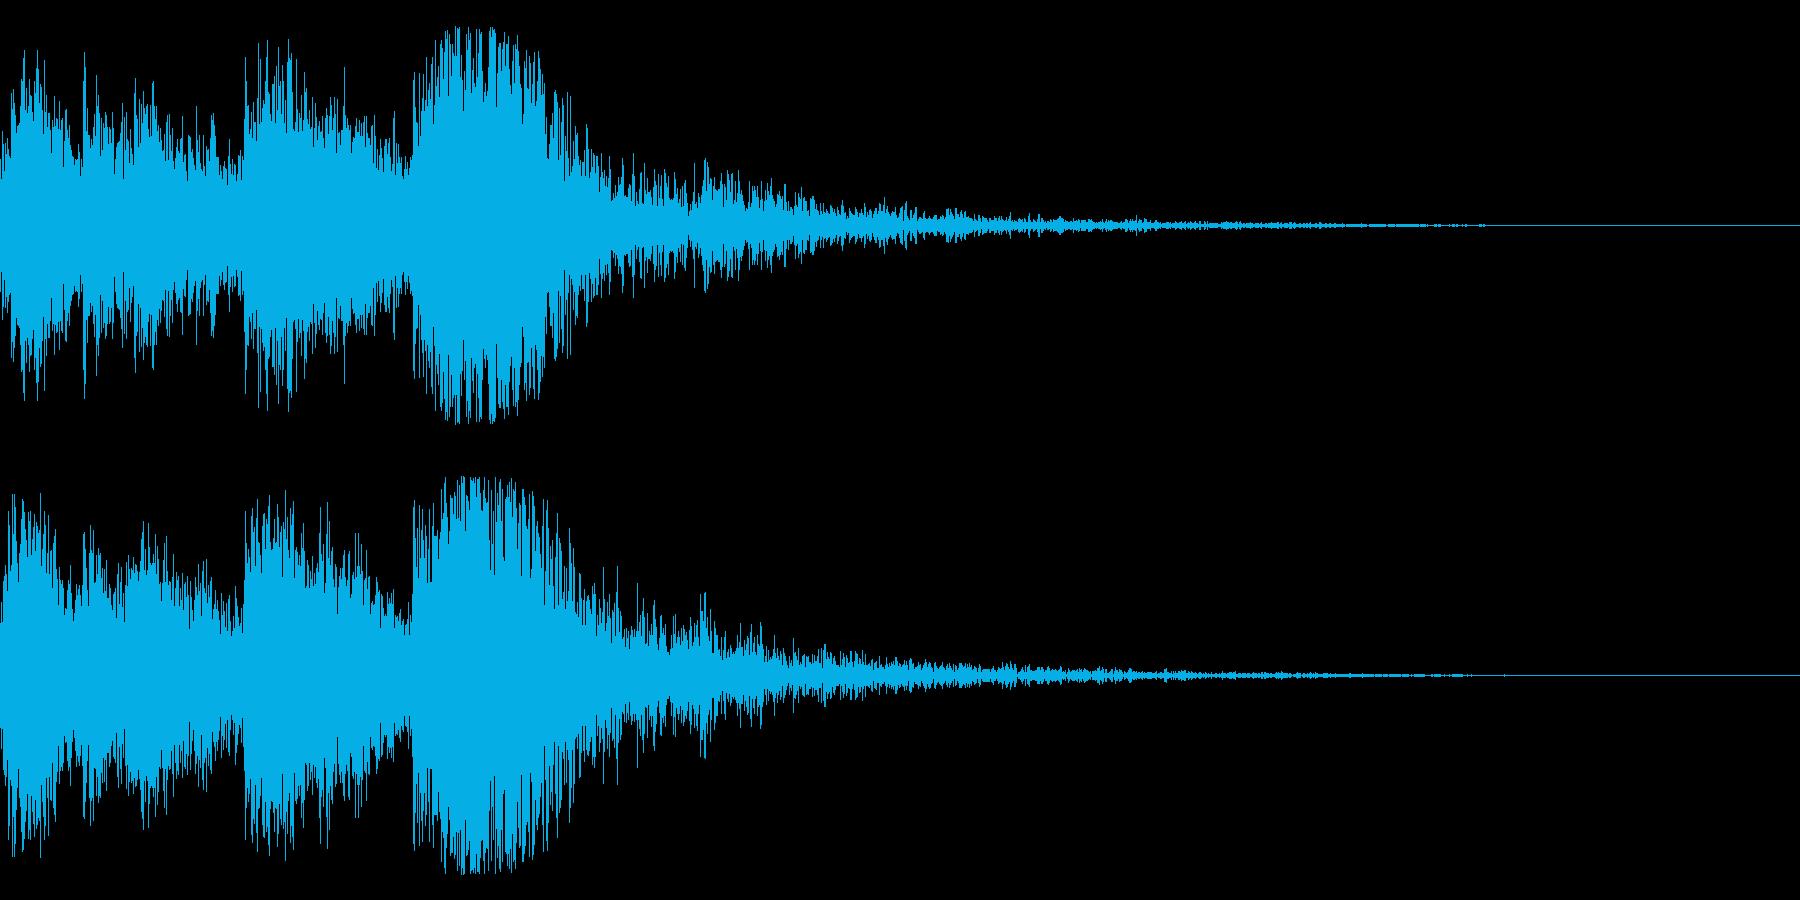 和風 オーケストラヒット ジングル!5bの再生済みの波形